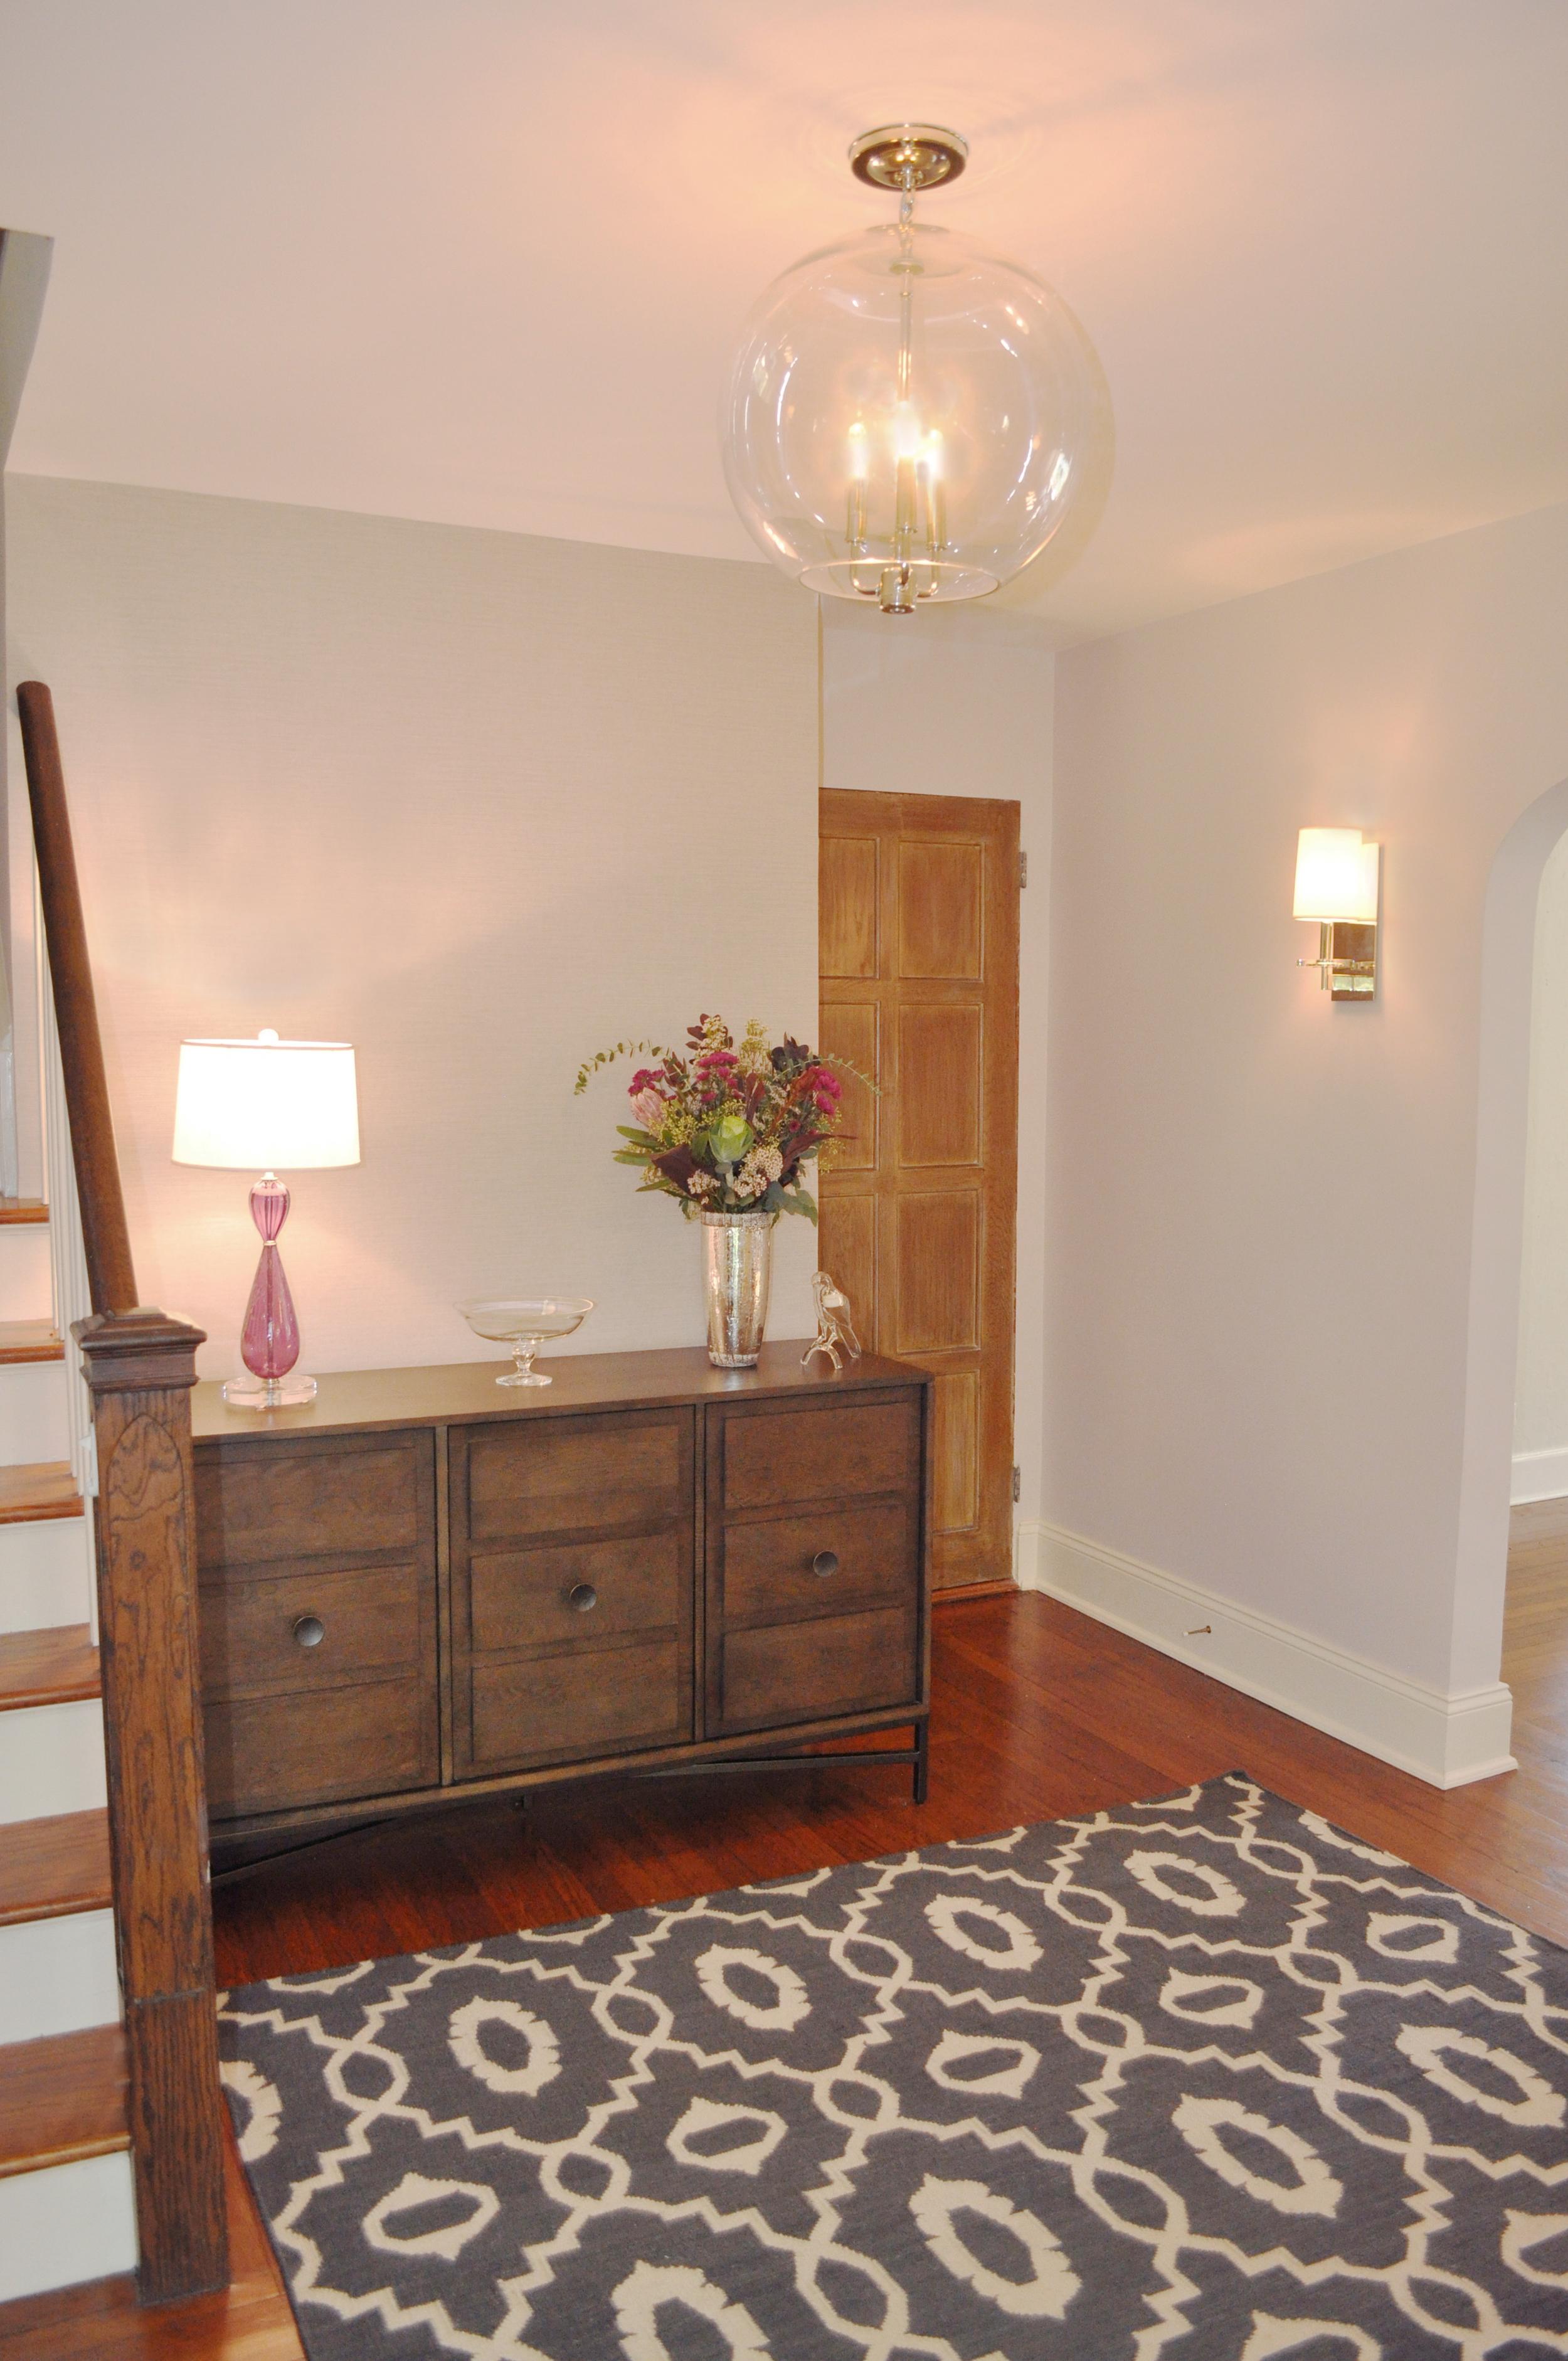 Home Interior Decorating_Entry_Foyer_Lighting_KAM DESIGN.jpg